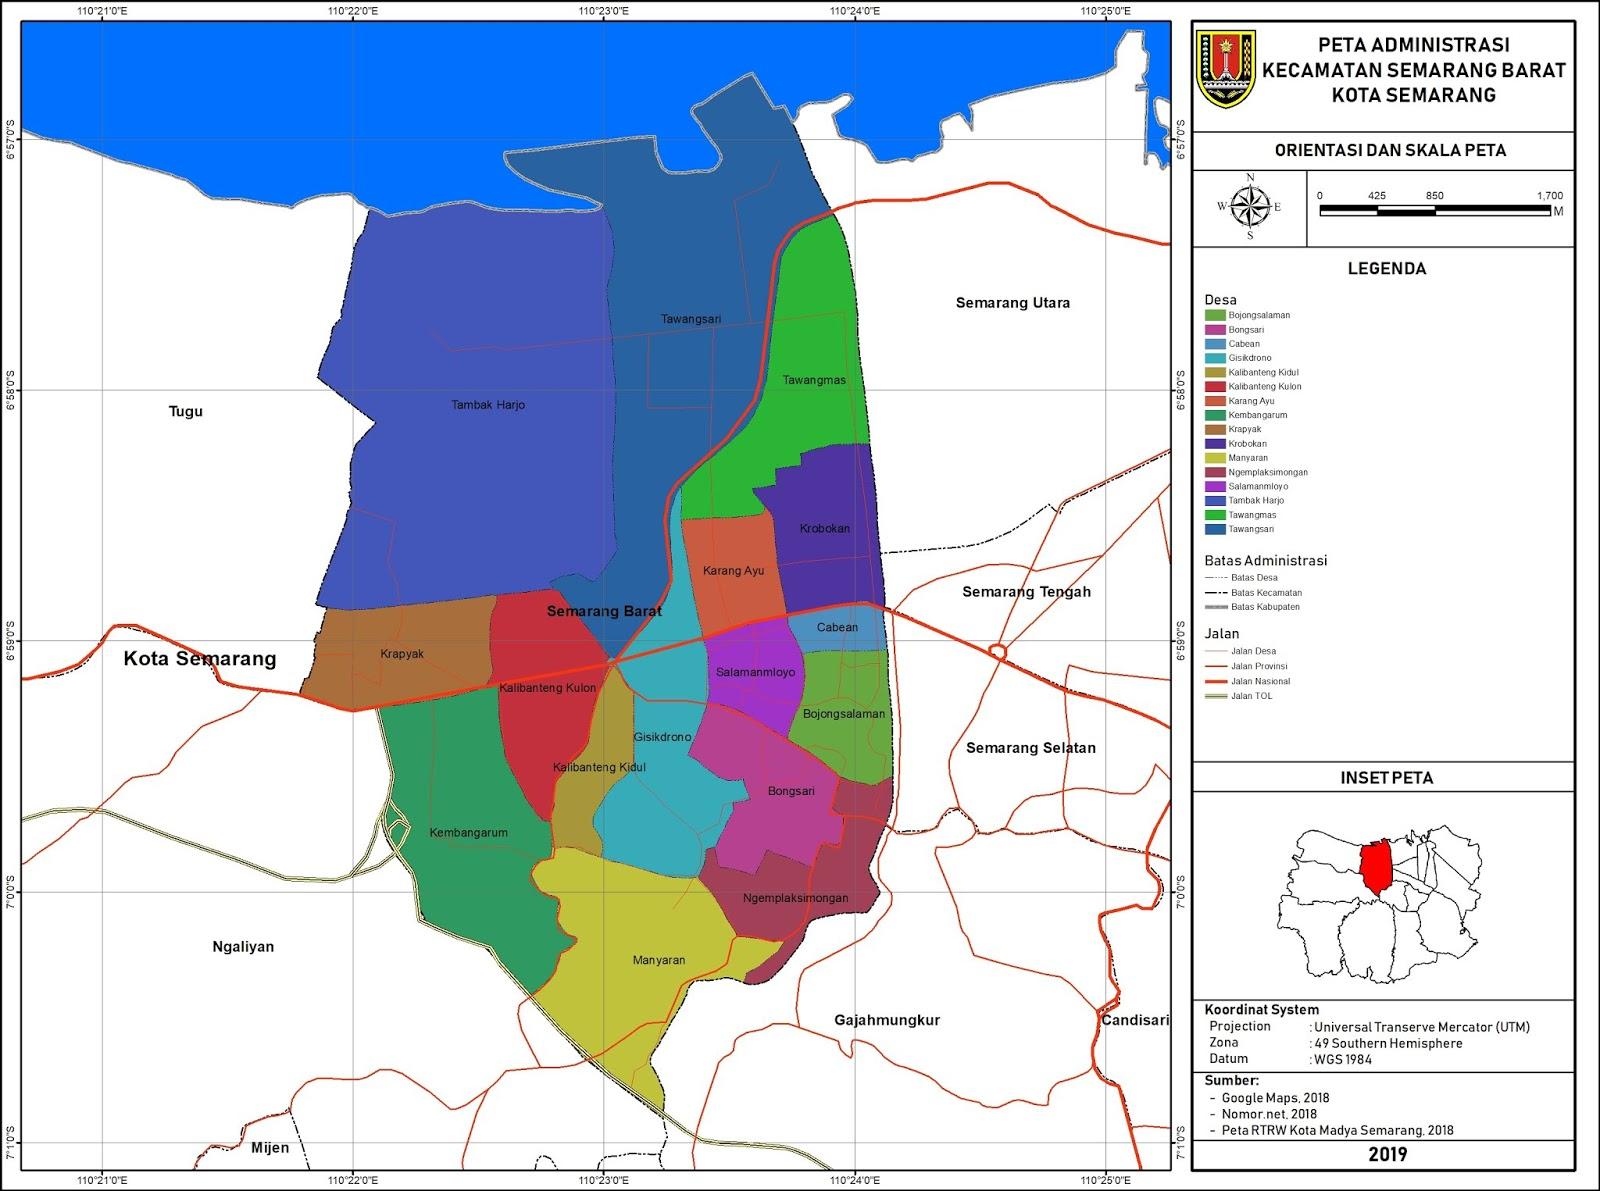 Peta Administrasi Kecamatan Semarang Barat, Kota Semarang ...